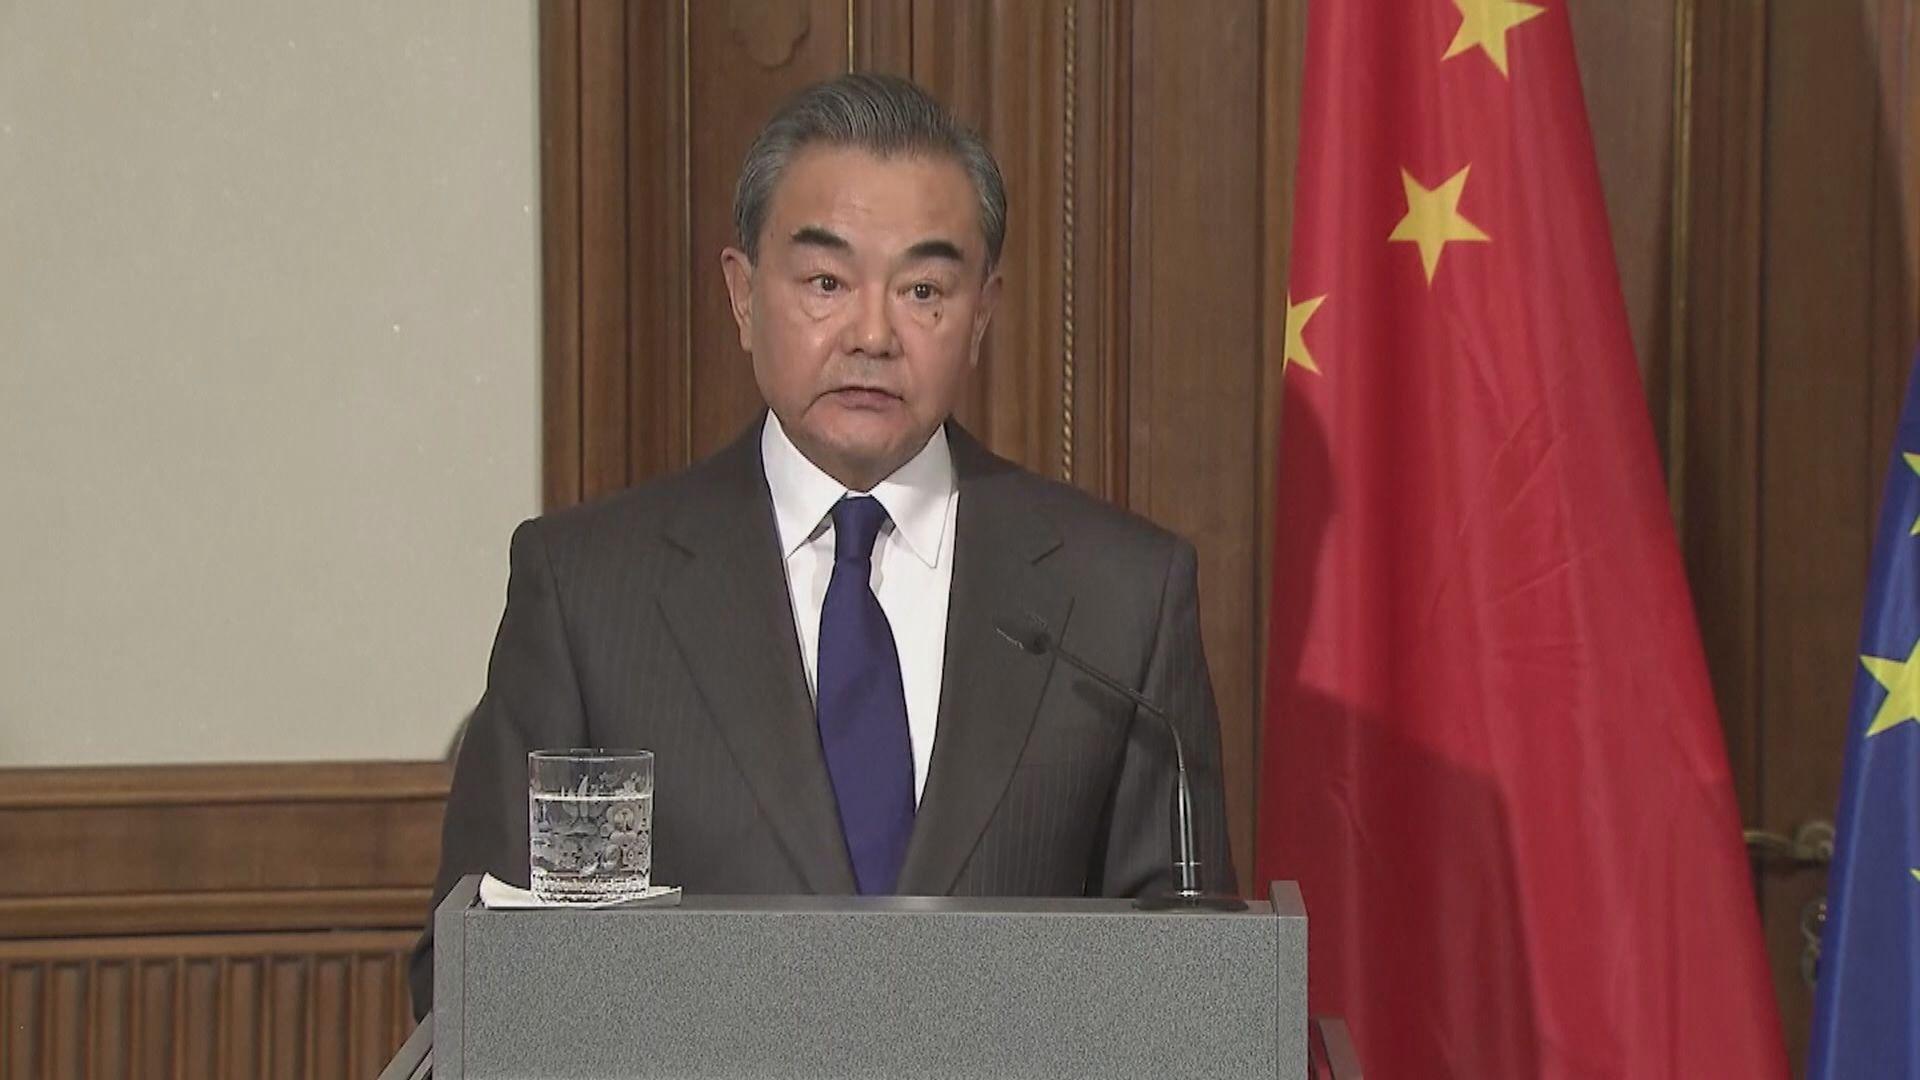 王毅:美國還沒找到與中國打交道正確路徑